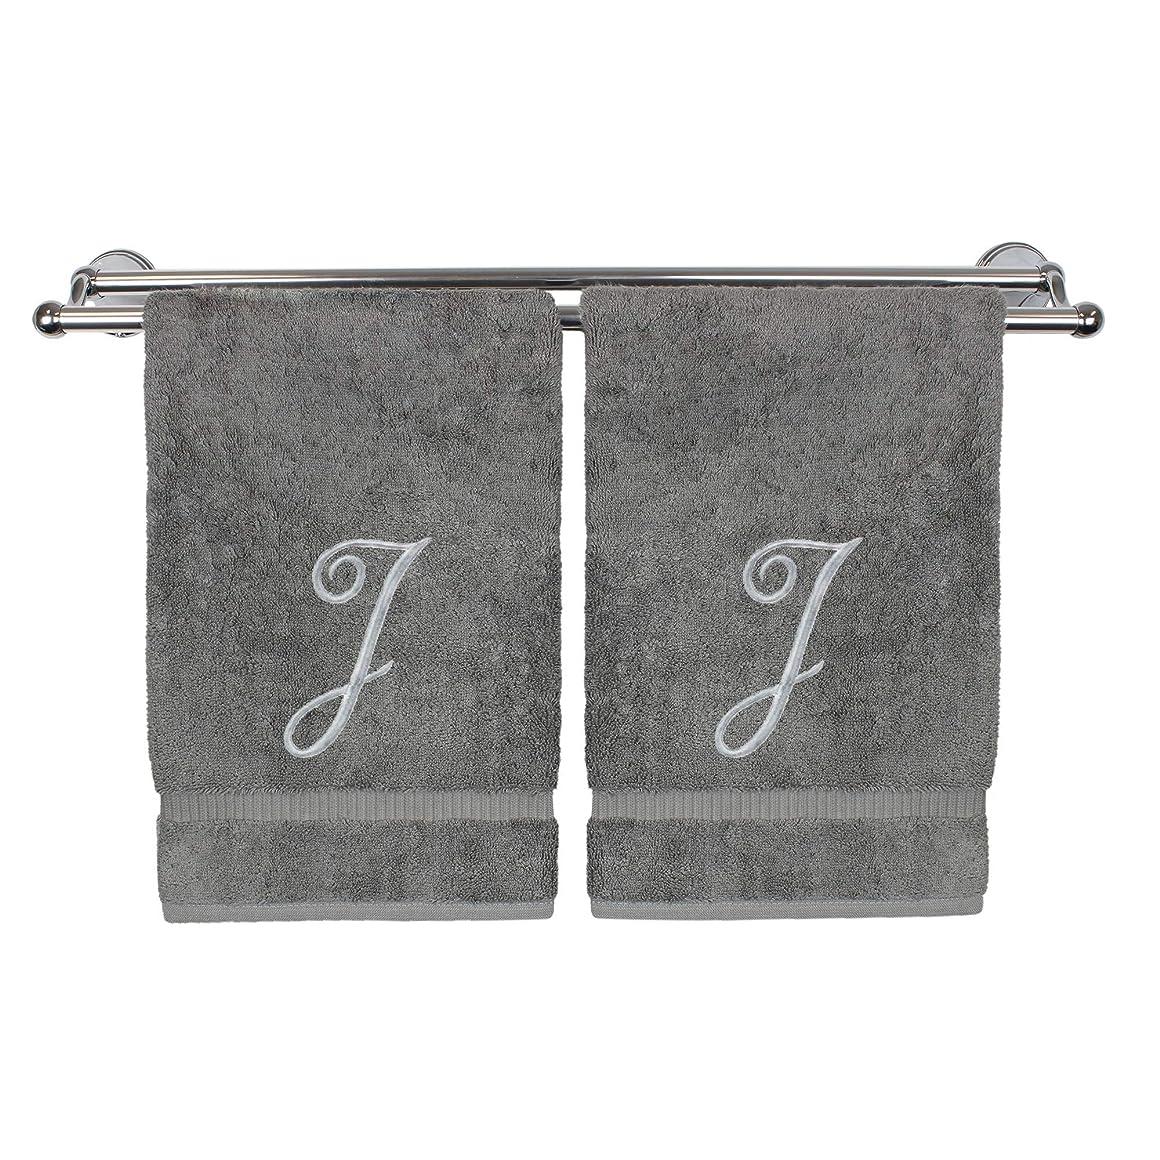 アヒルミッションプラカード刺繍Washcloth、パーソナライズされたギフト、13?x 13インチ?–?のセット2?–?グレー 2 Washcloths-Silver Script Initial J グレー 85-710-893-111